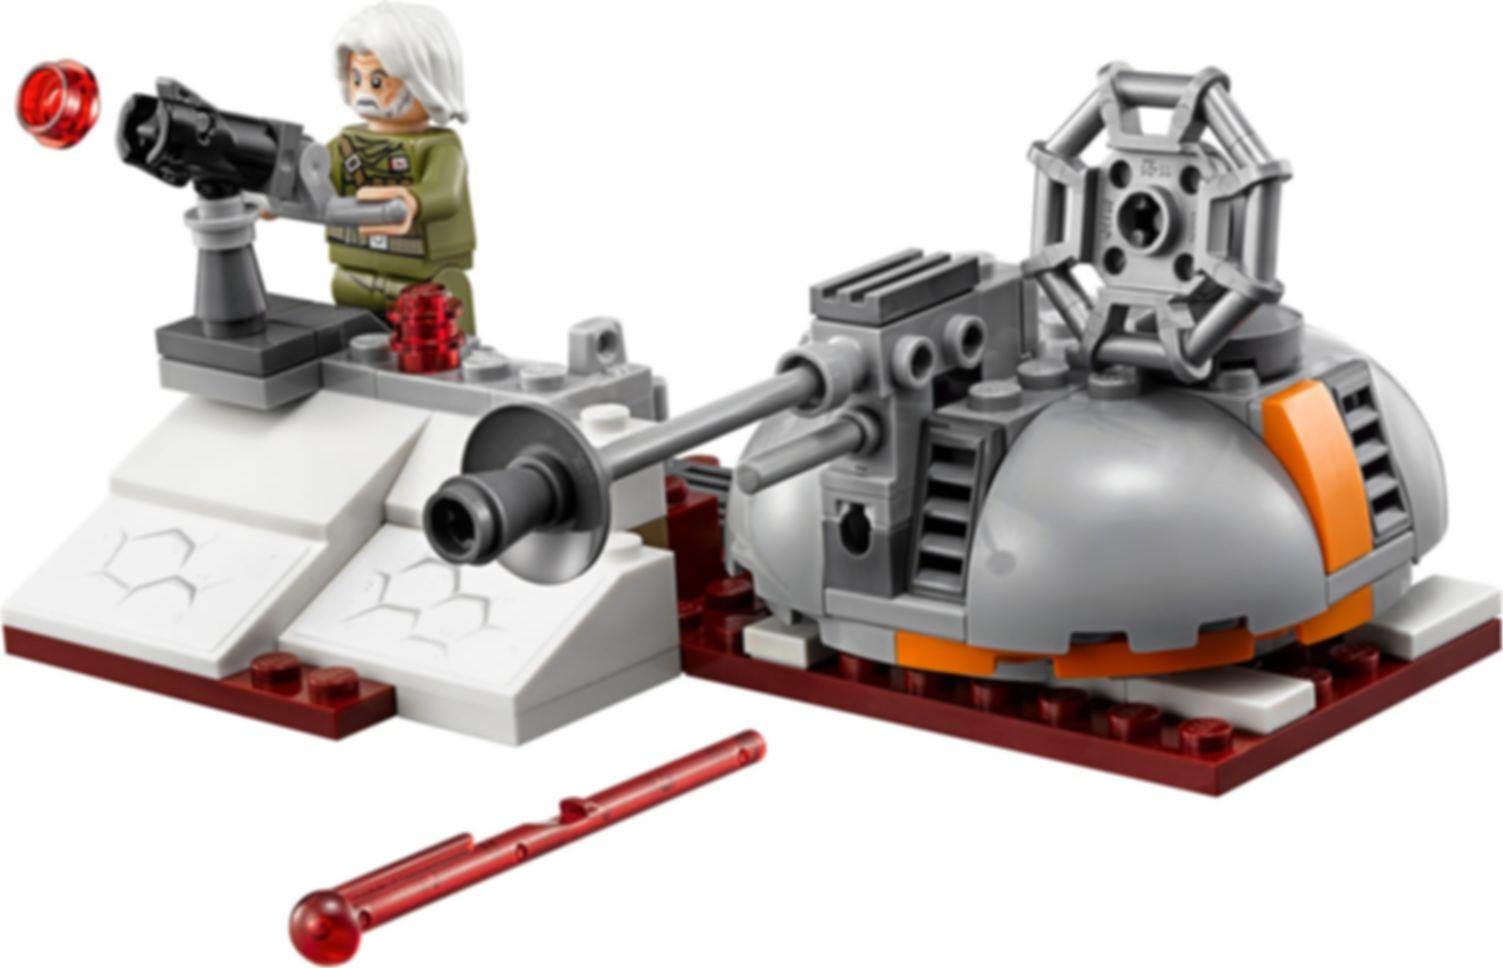 Defense of Crait™ components